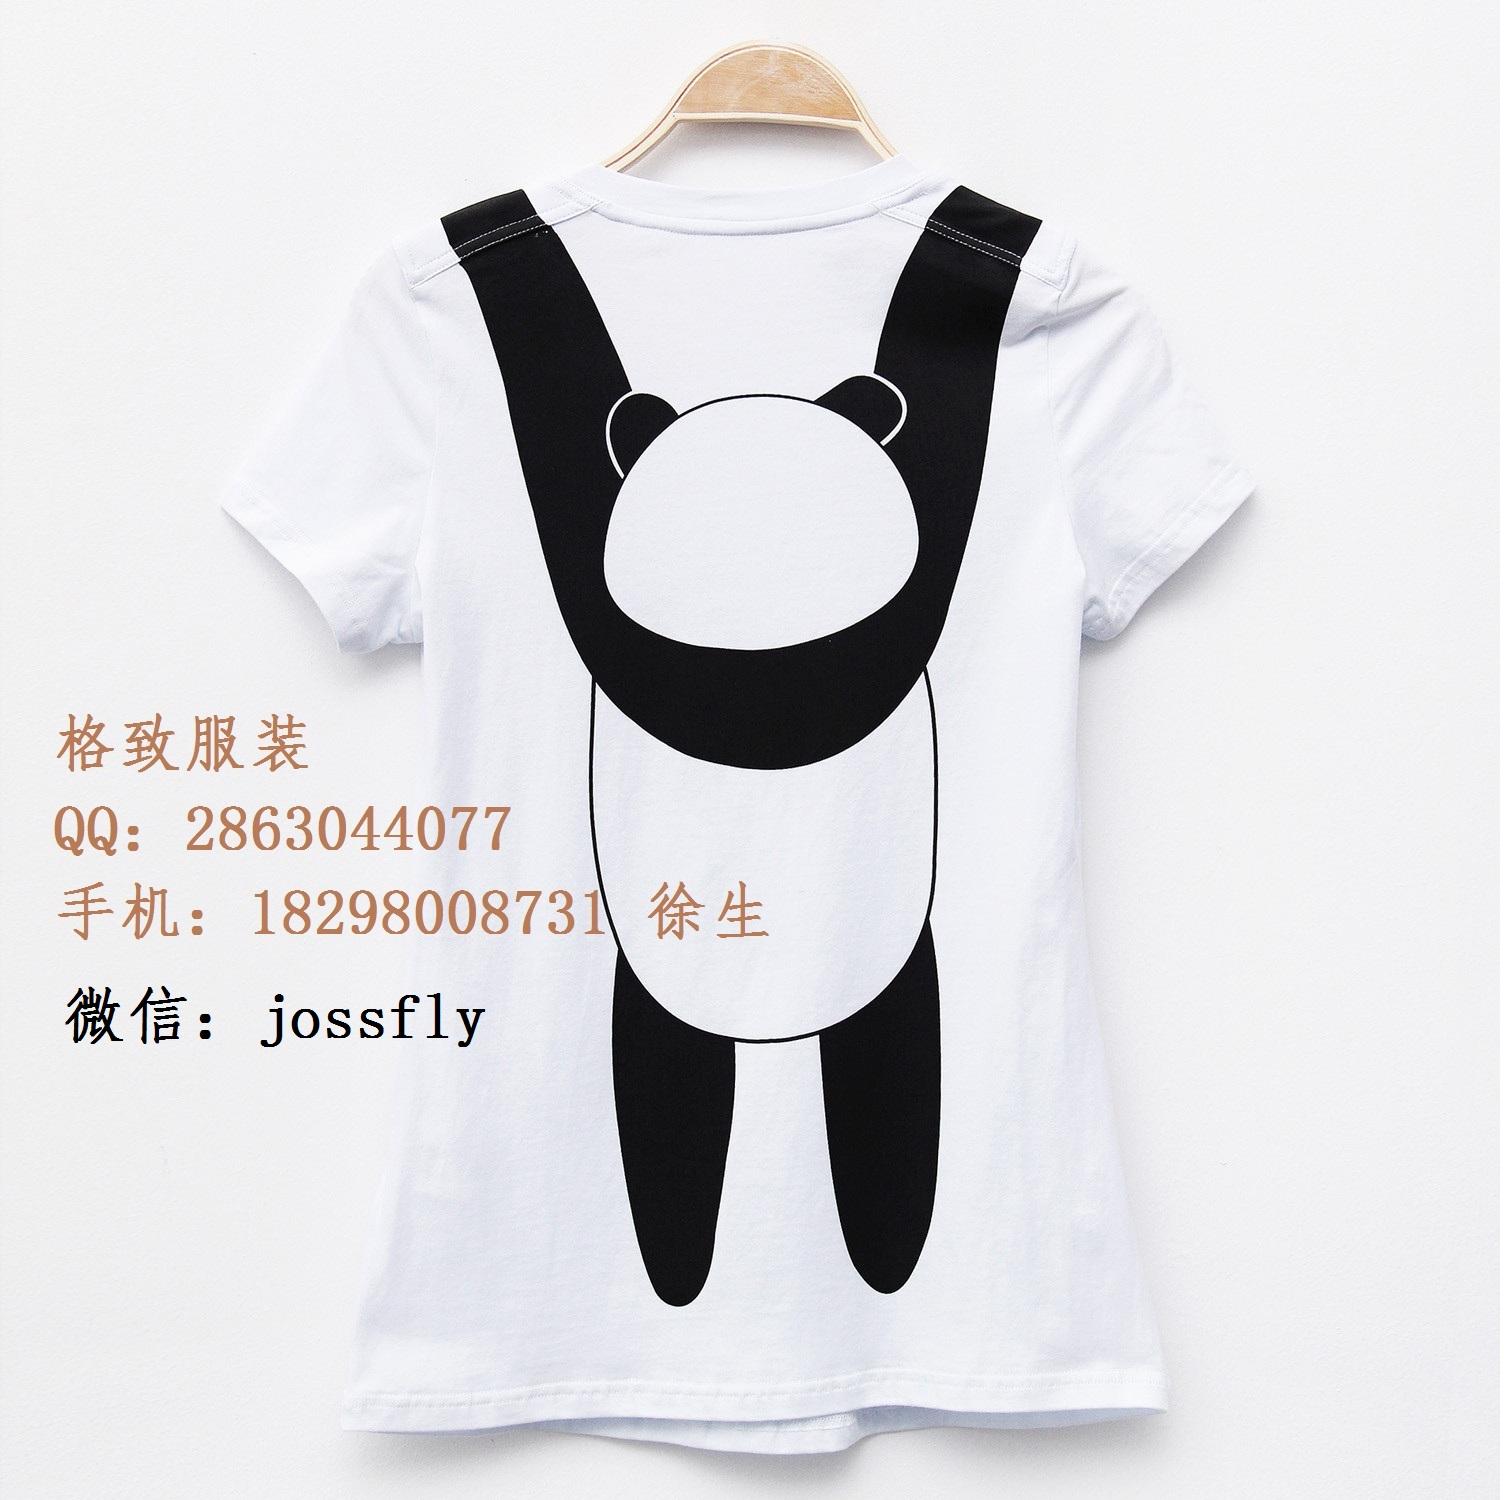 收购江浙沪皖地区的各类服装库存品牌尾货